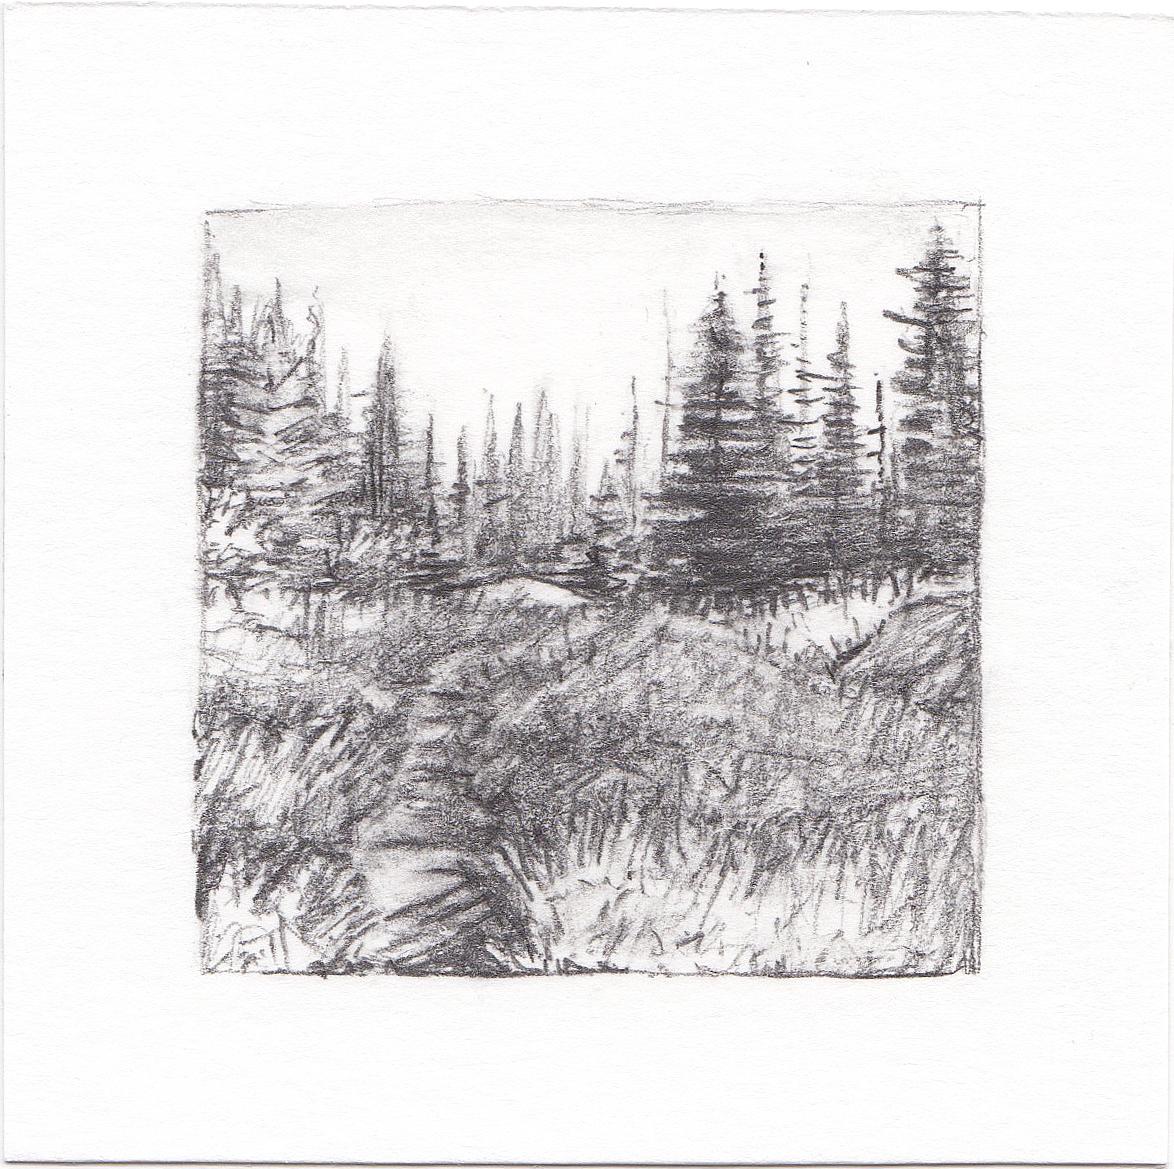 #4 Catherine Pass, Albion Basin, Utah | 3x3 | graphite